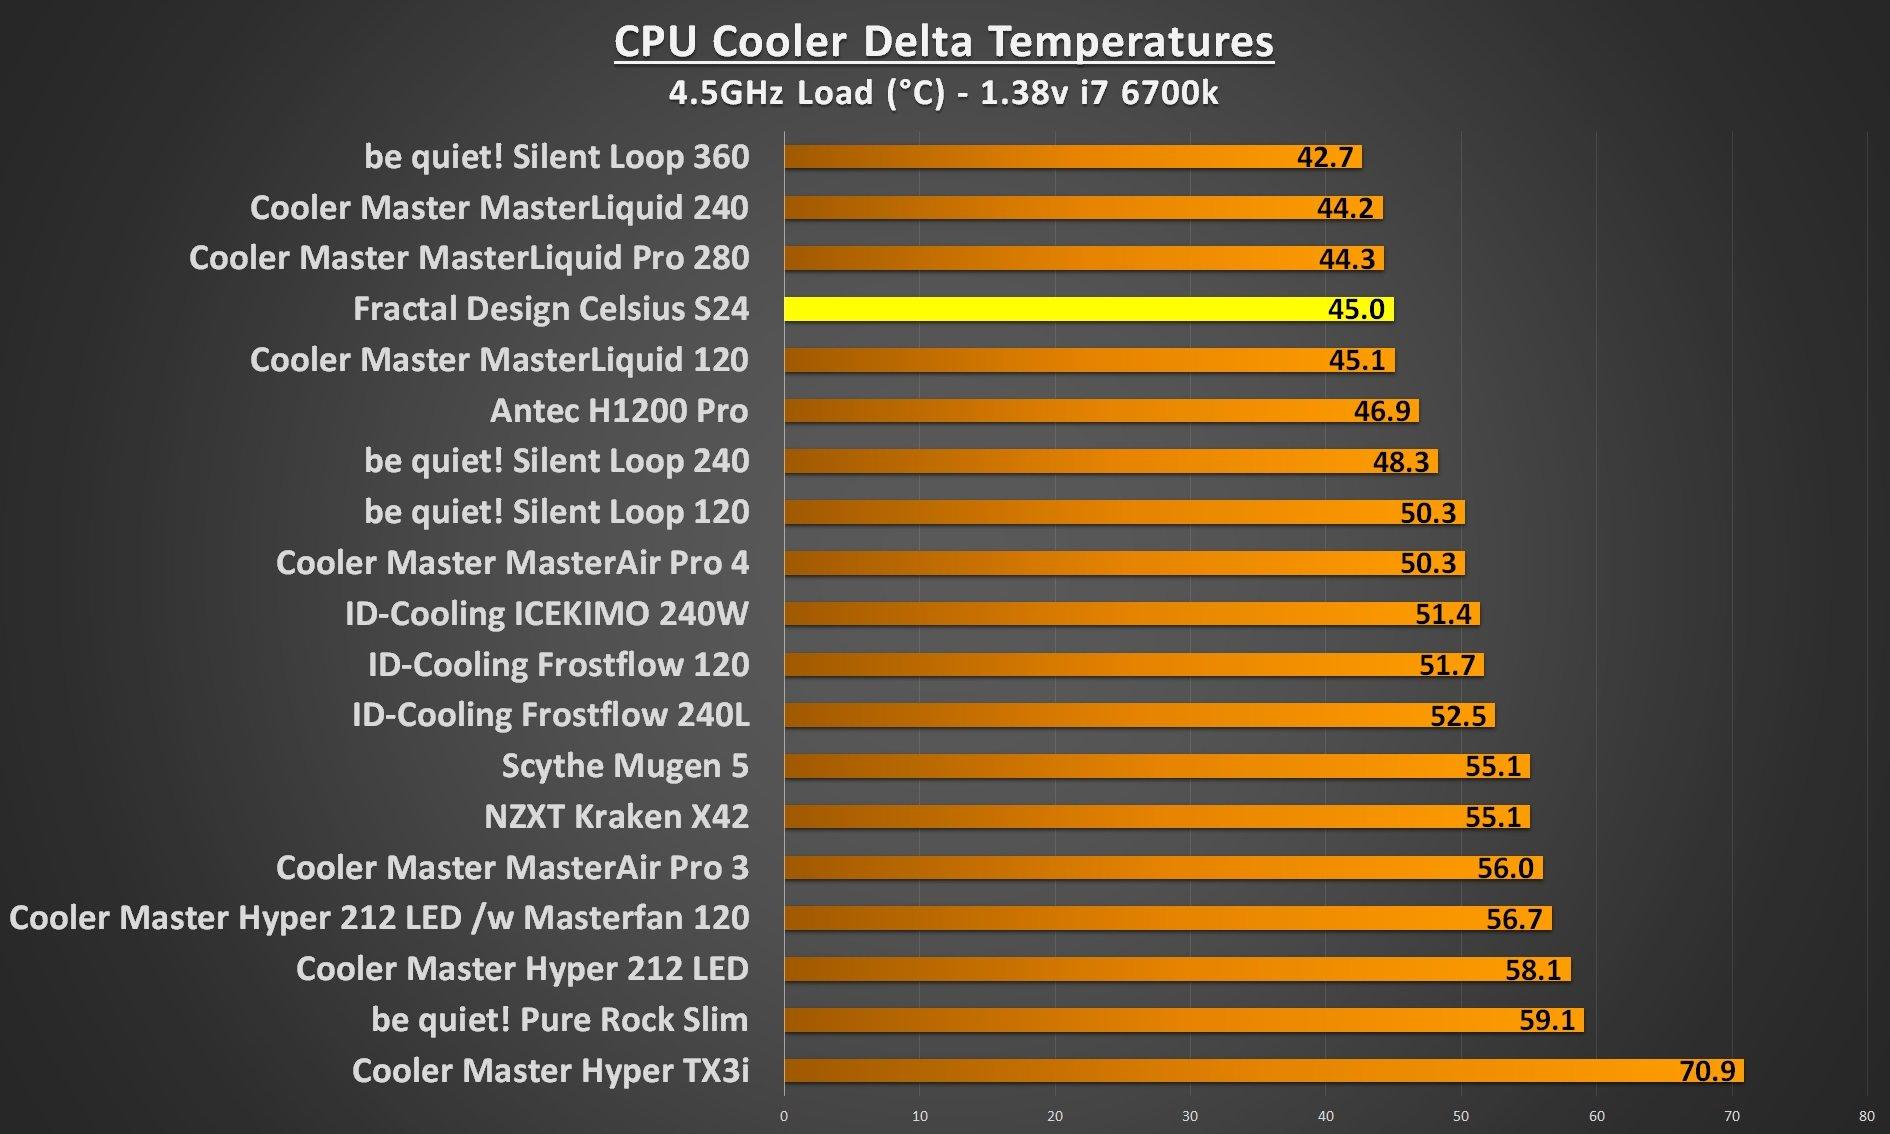 Fractal Design Celsius S24 4.5Ghz load